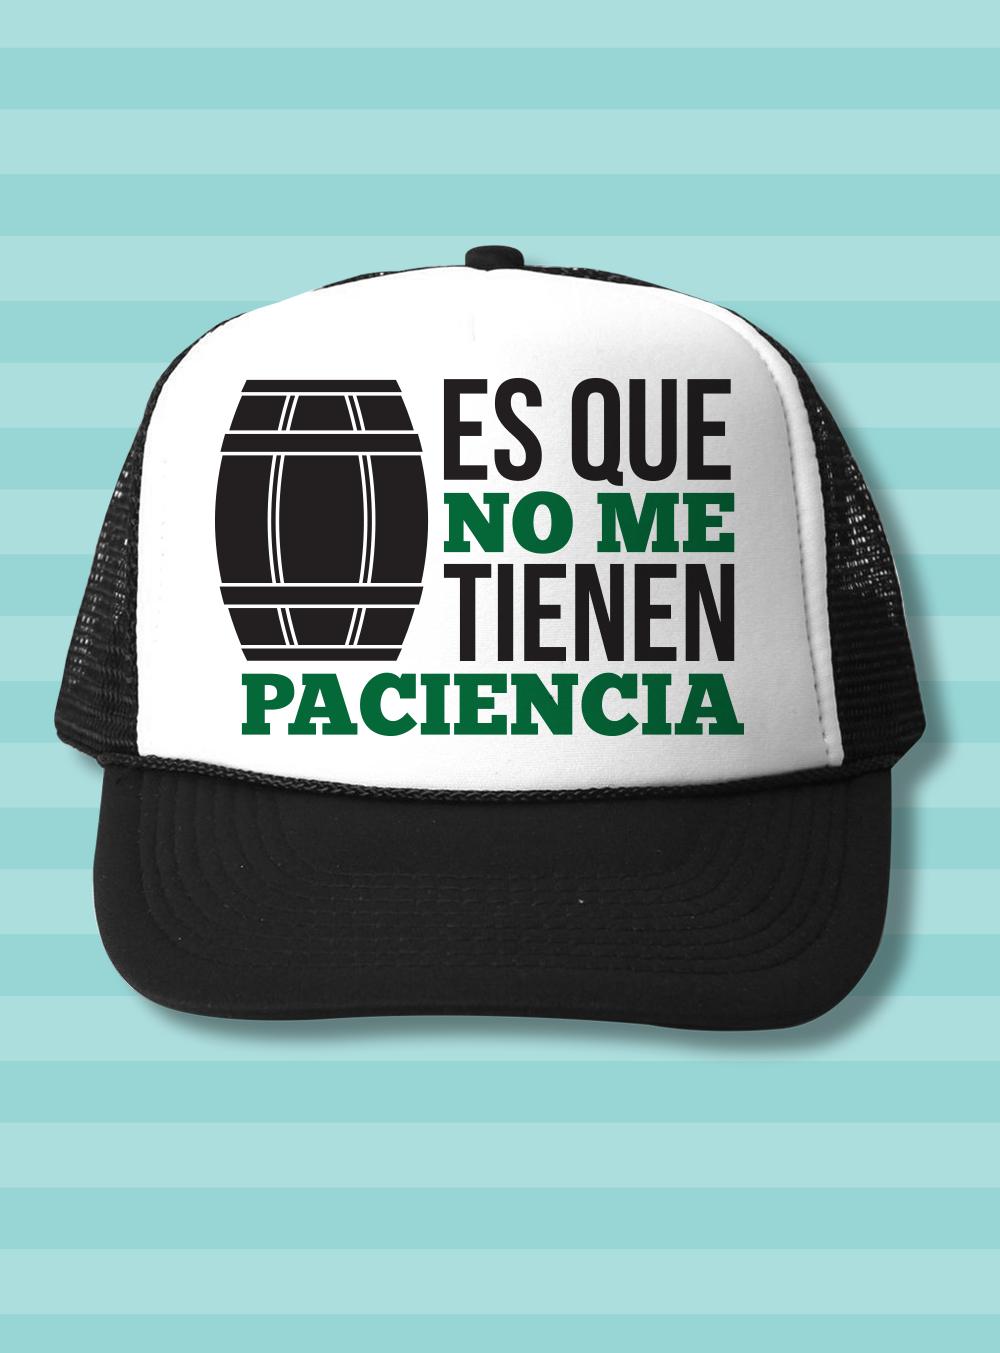 Gorra para adulto con frase típica de El Chavo del Ocho